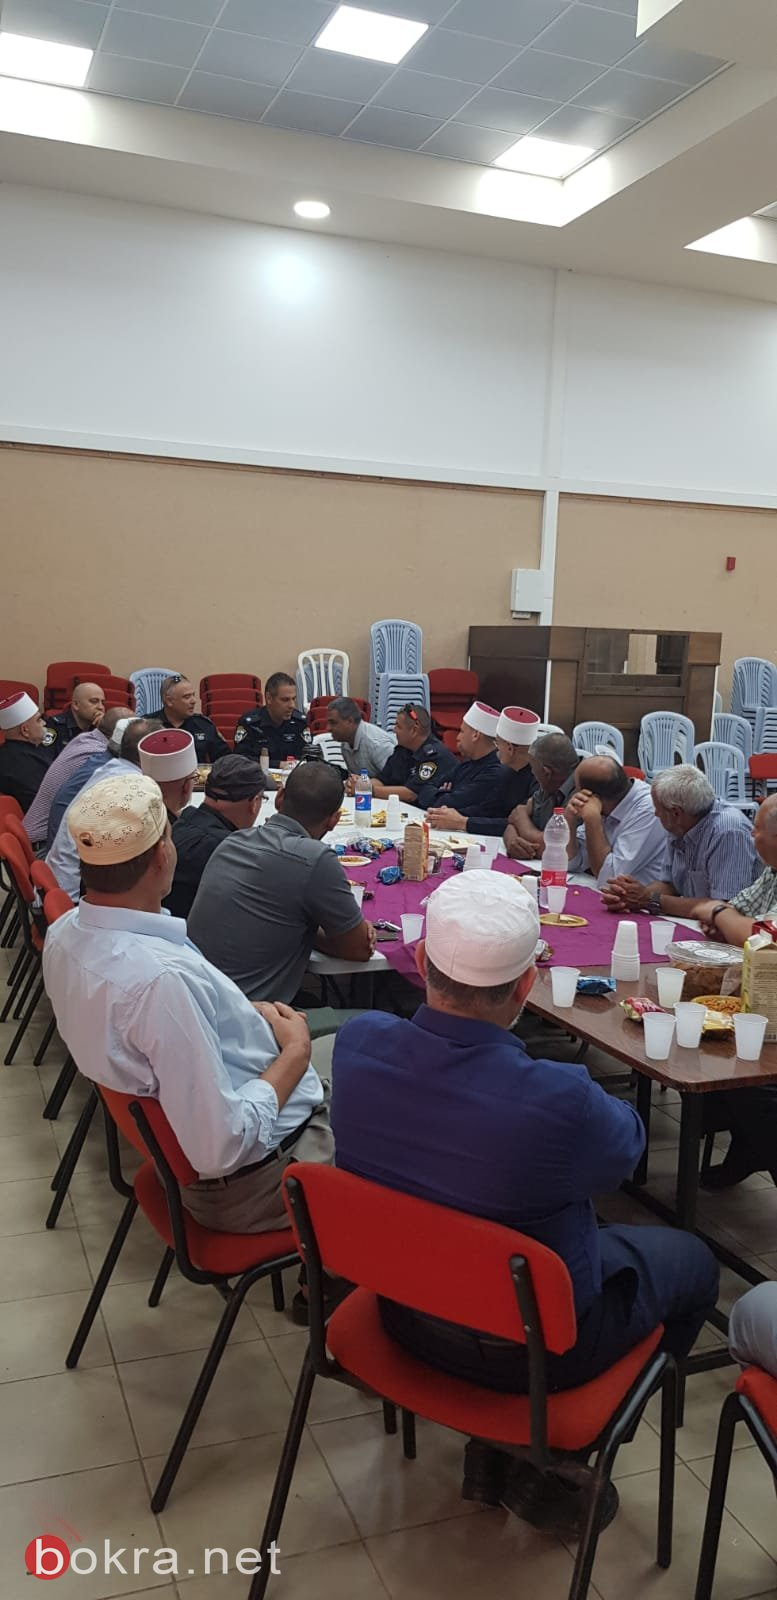 الشرطة تعقد لقاء حوار وعمل مع رجال دين قادة في منطقة طبريا